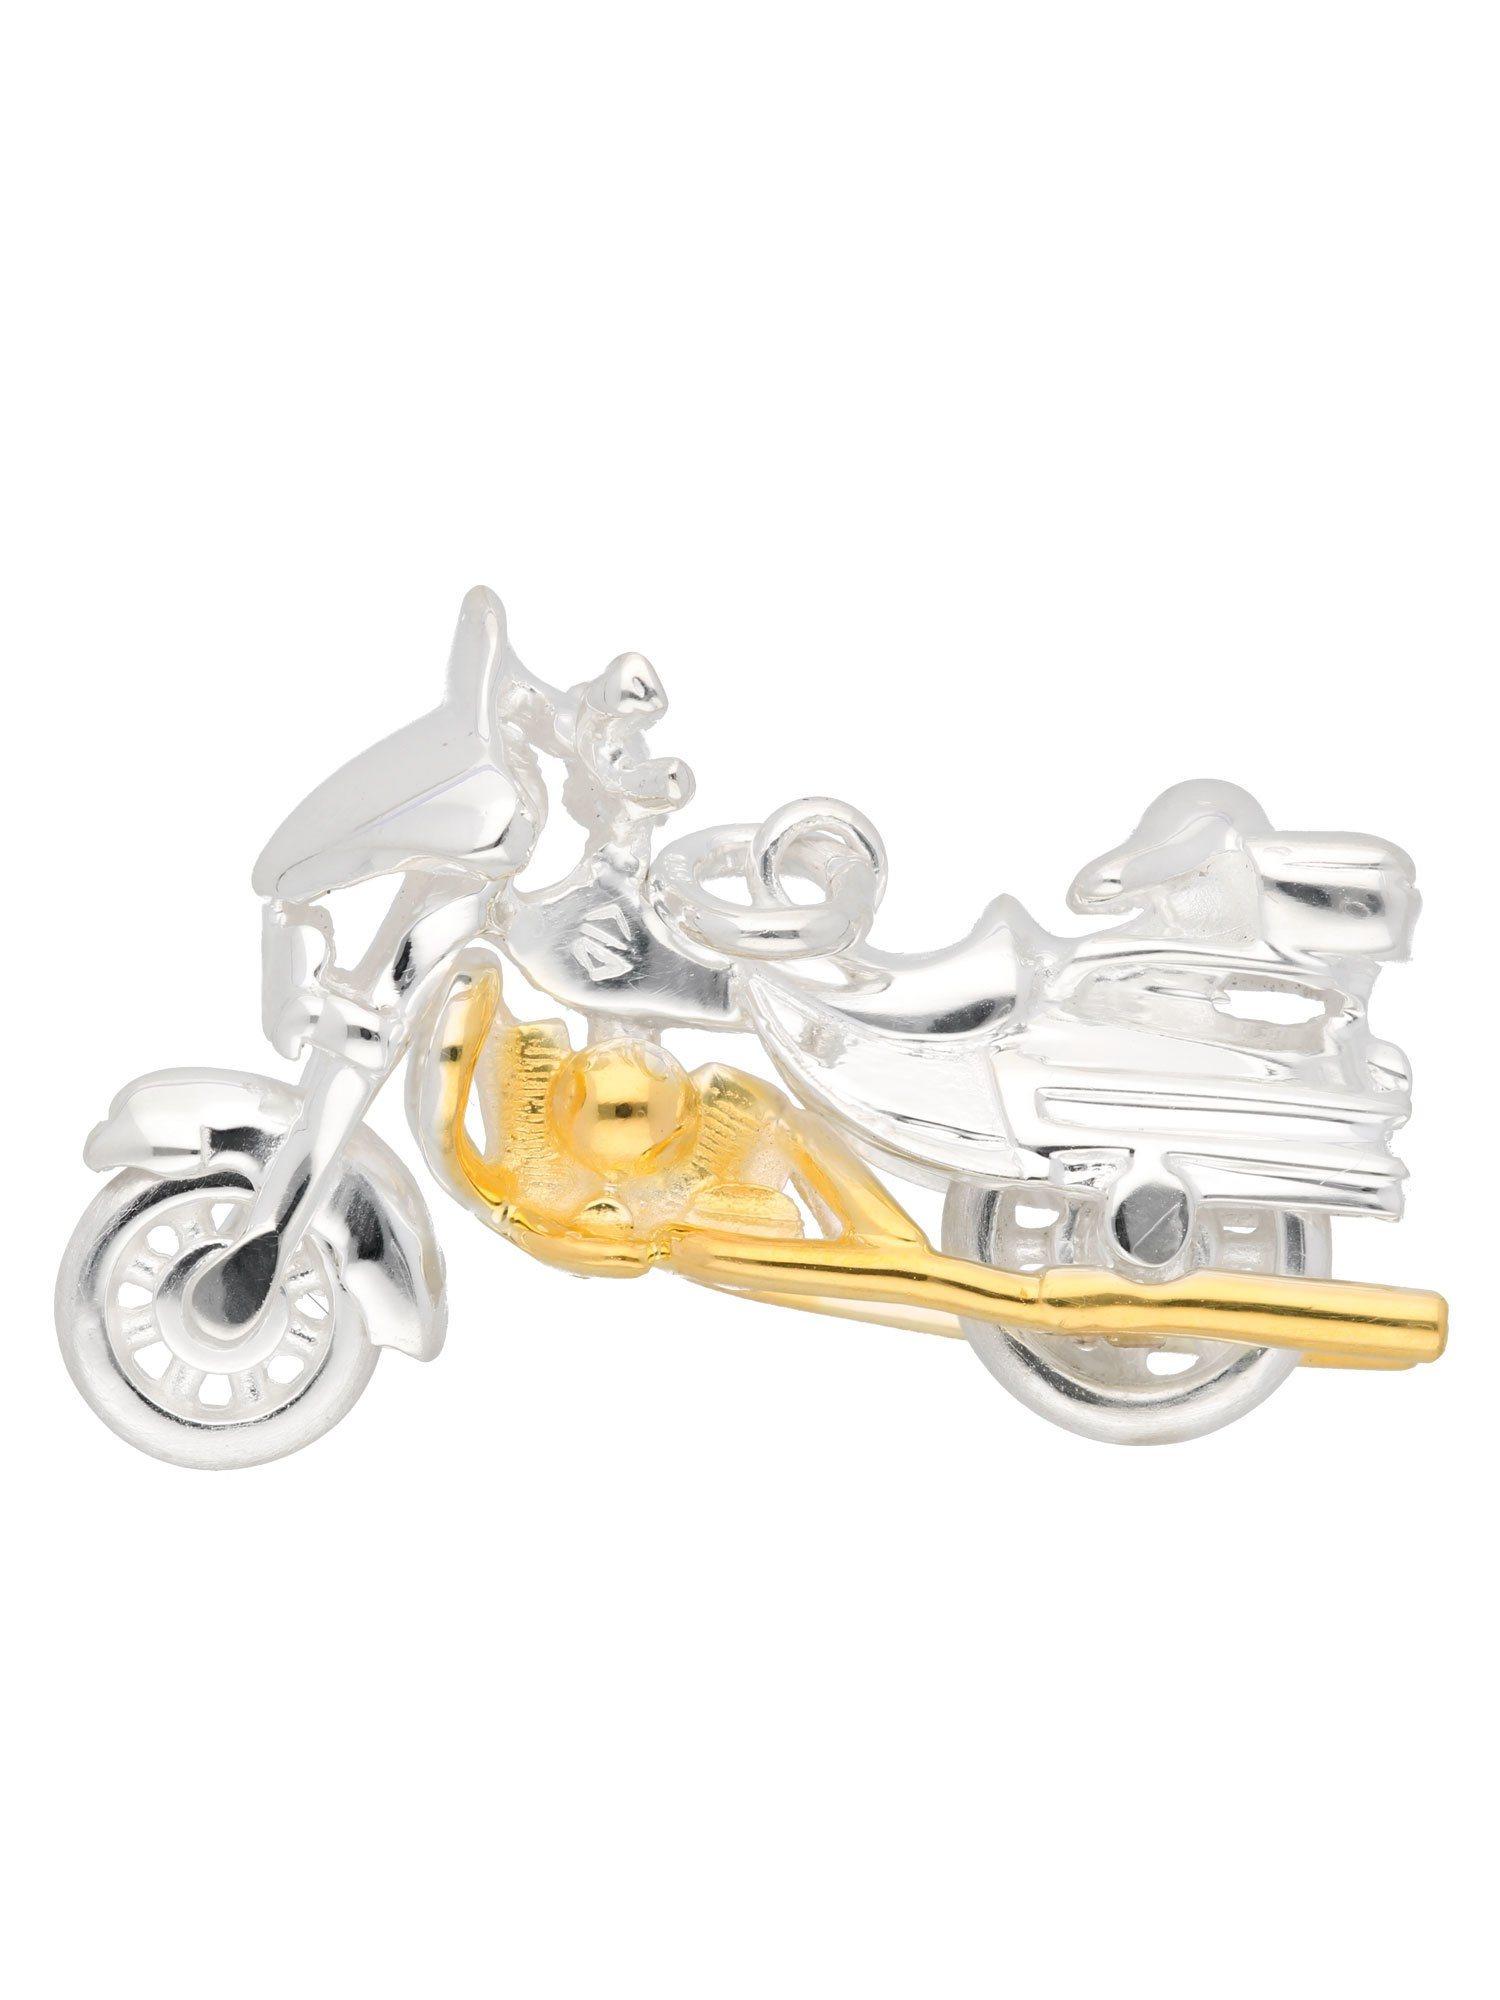 Adelia´s Kettenanhänger »Silber Anhänger«, Harley-Davidson 925 Sterling Silber vergoldet | Schmuck > Halsketten > Ketten ohne Anhänger | Silber | Adelia´s